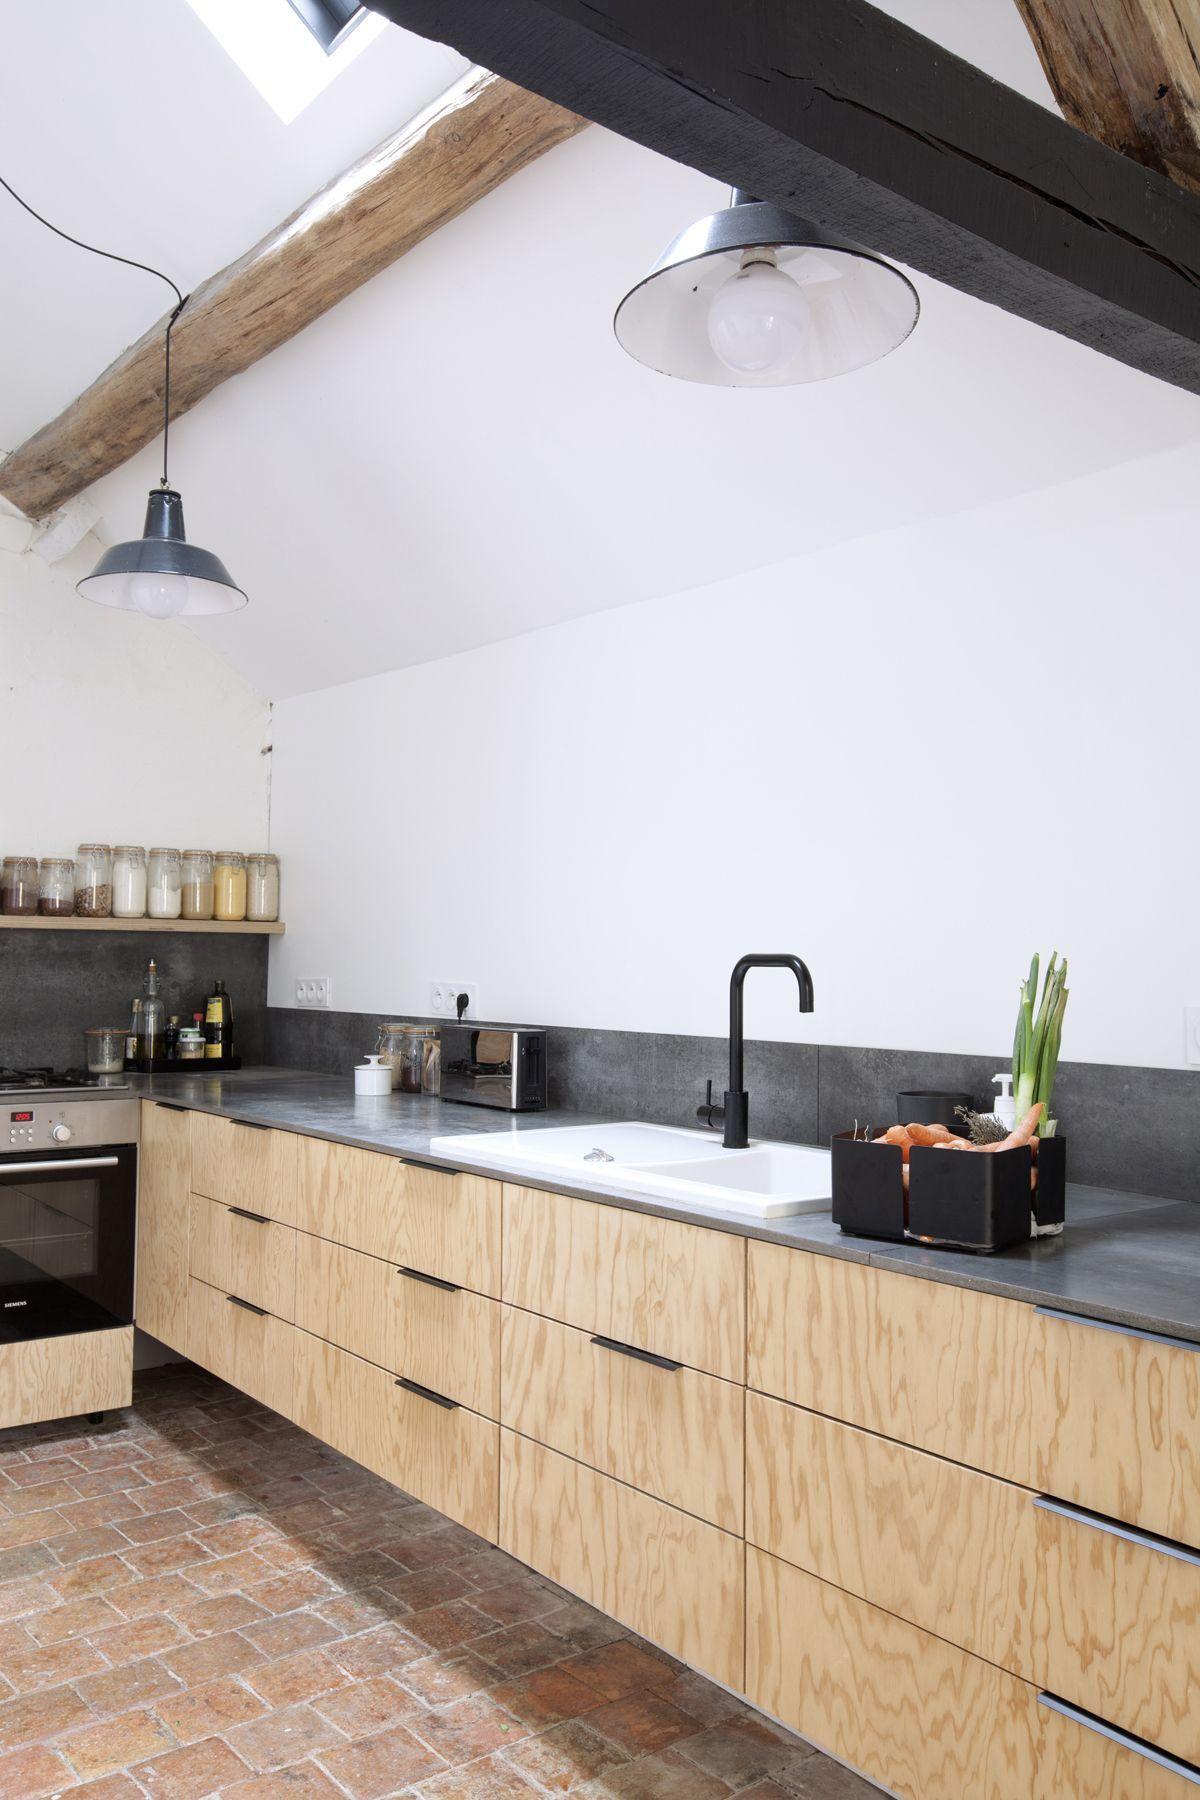 Cuisine Minimaliste Dans Une Maison De Campagne Avec Ses Poutres Et Tomettes D Origine Meuble Cuisine Minimaliste Cuisine Moderne Interieur Moderne De Cuisine